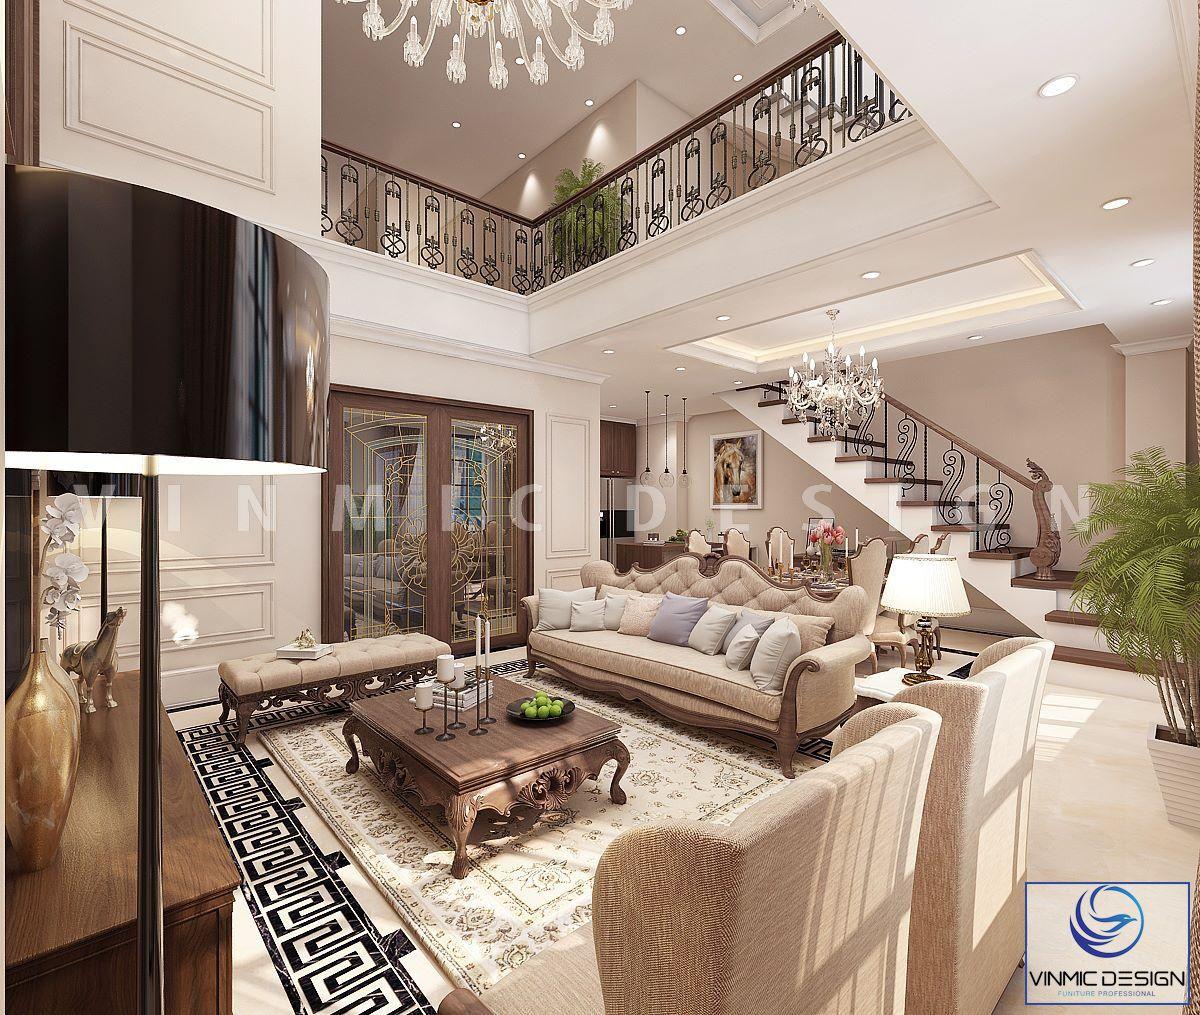 Thiết kế nội thất biệt thự với bộ sofa gỗ óc chó tân cổ điển sang trọng tại Imperia Hải Phòng